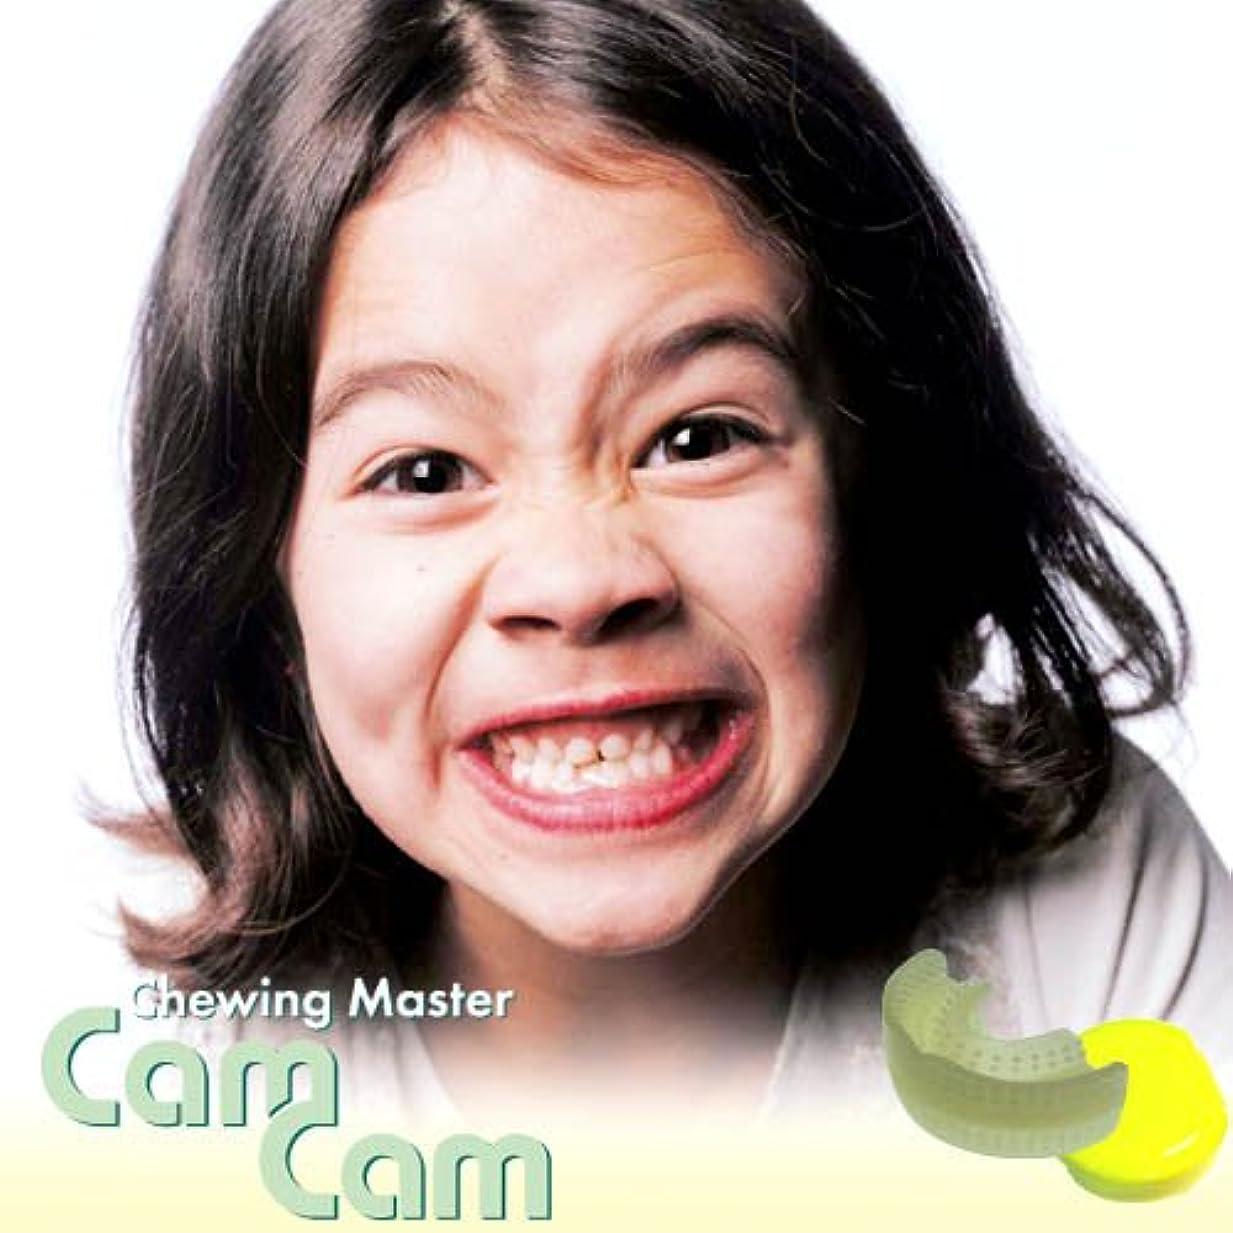 おっとハムびっくりした歯科医師開発 口腔筋機能トレーニングマウスピース【CamCam ST】カムカム (イエロー) 乳歯列期から混合歯列期用